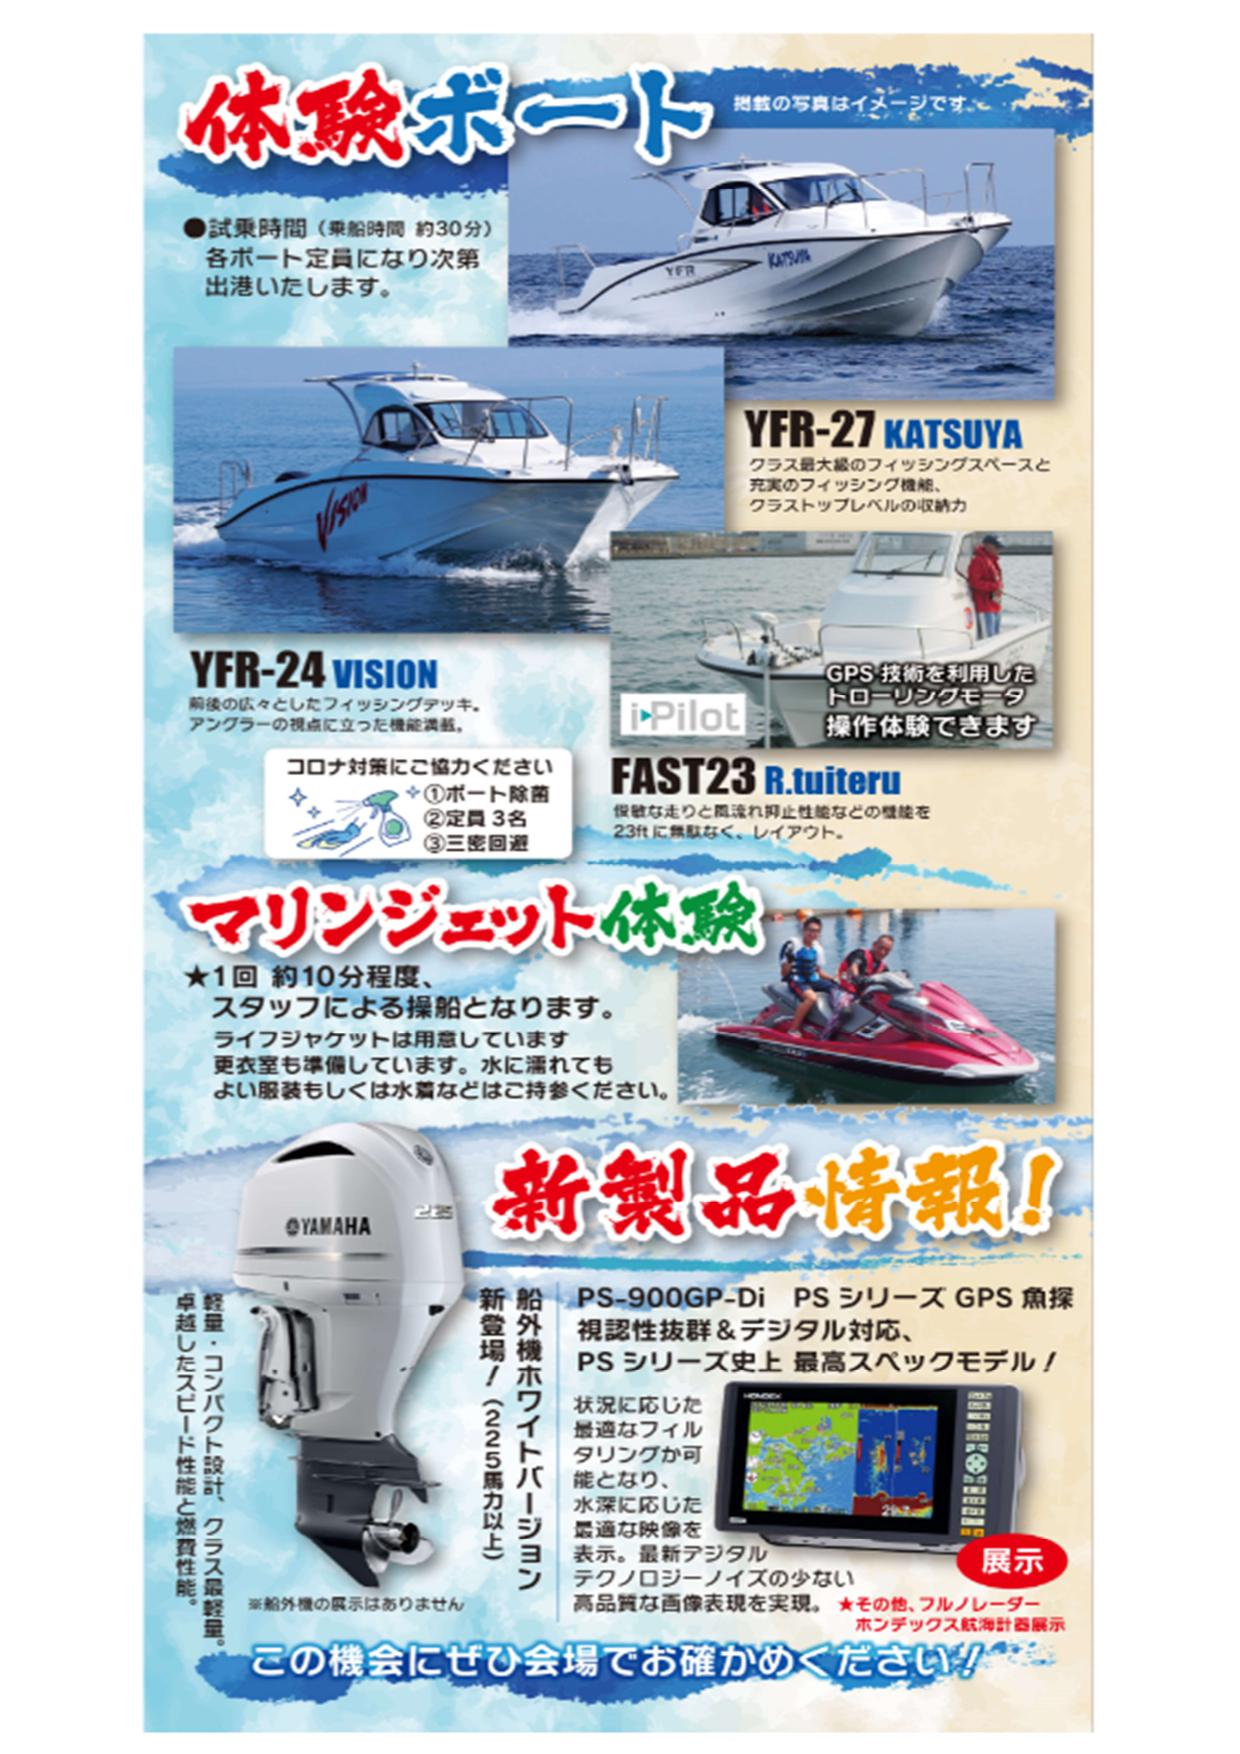 2020 ヤマハフィッシングボート祭り!!!!!!